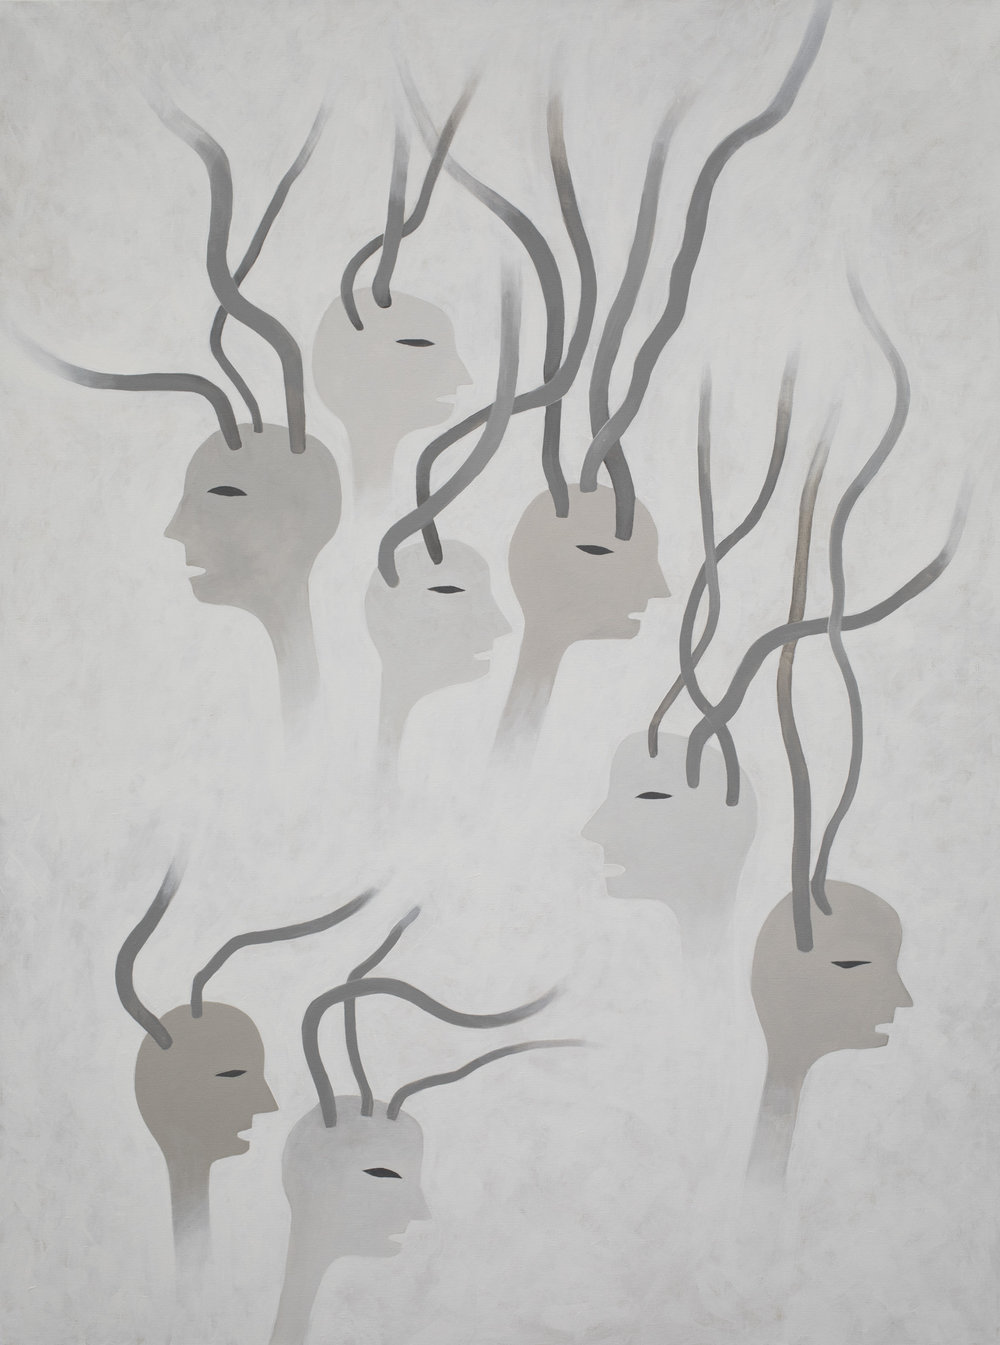 """© Augustin Rebetez, """"Sans titre"""", acrylique sur toile,120x160 cm, 2017. Courtesy Galerie C"""